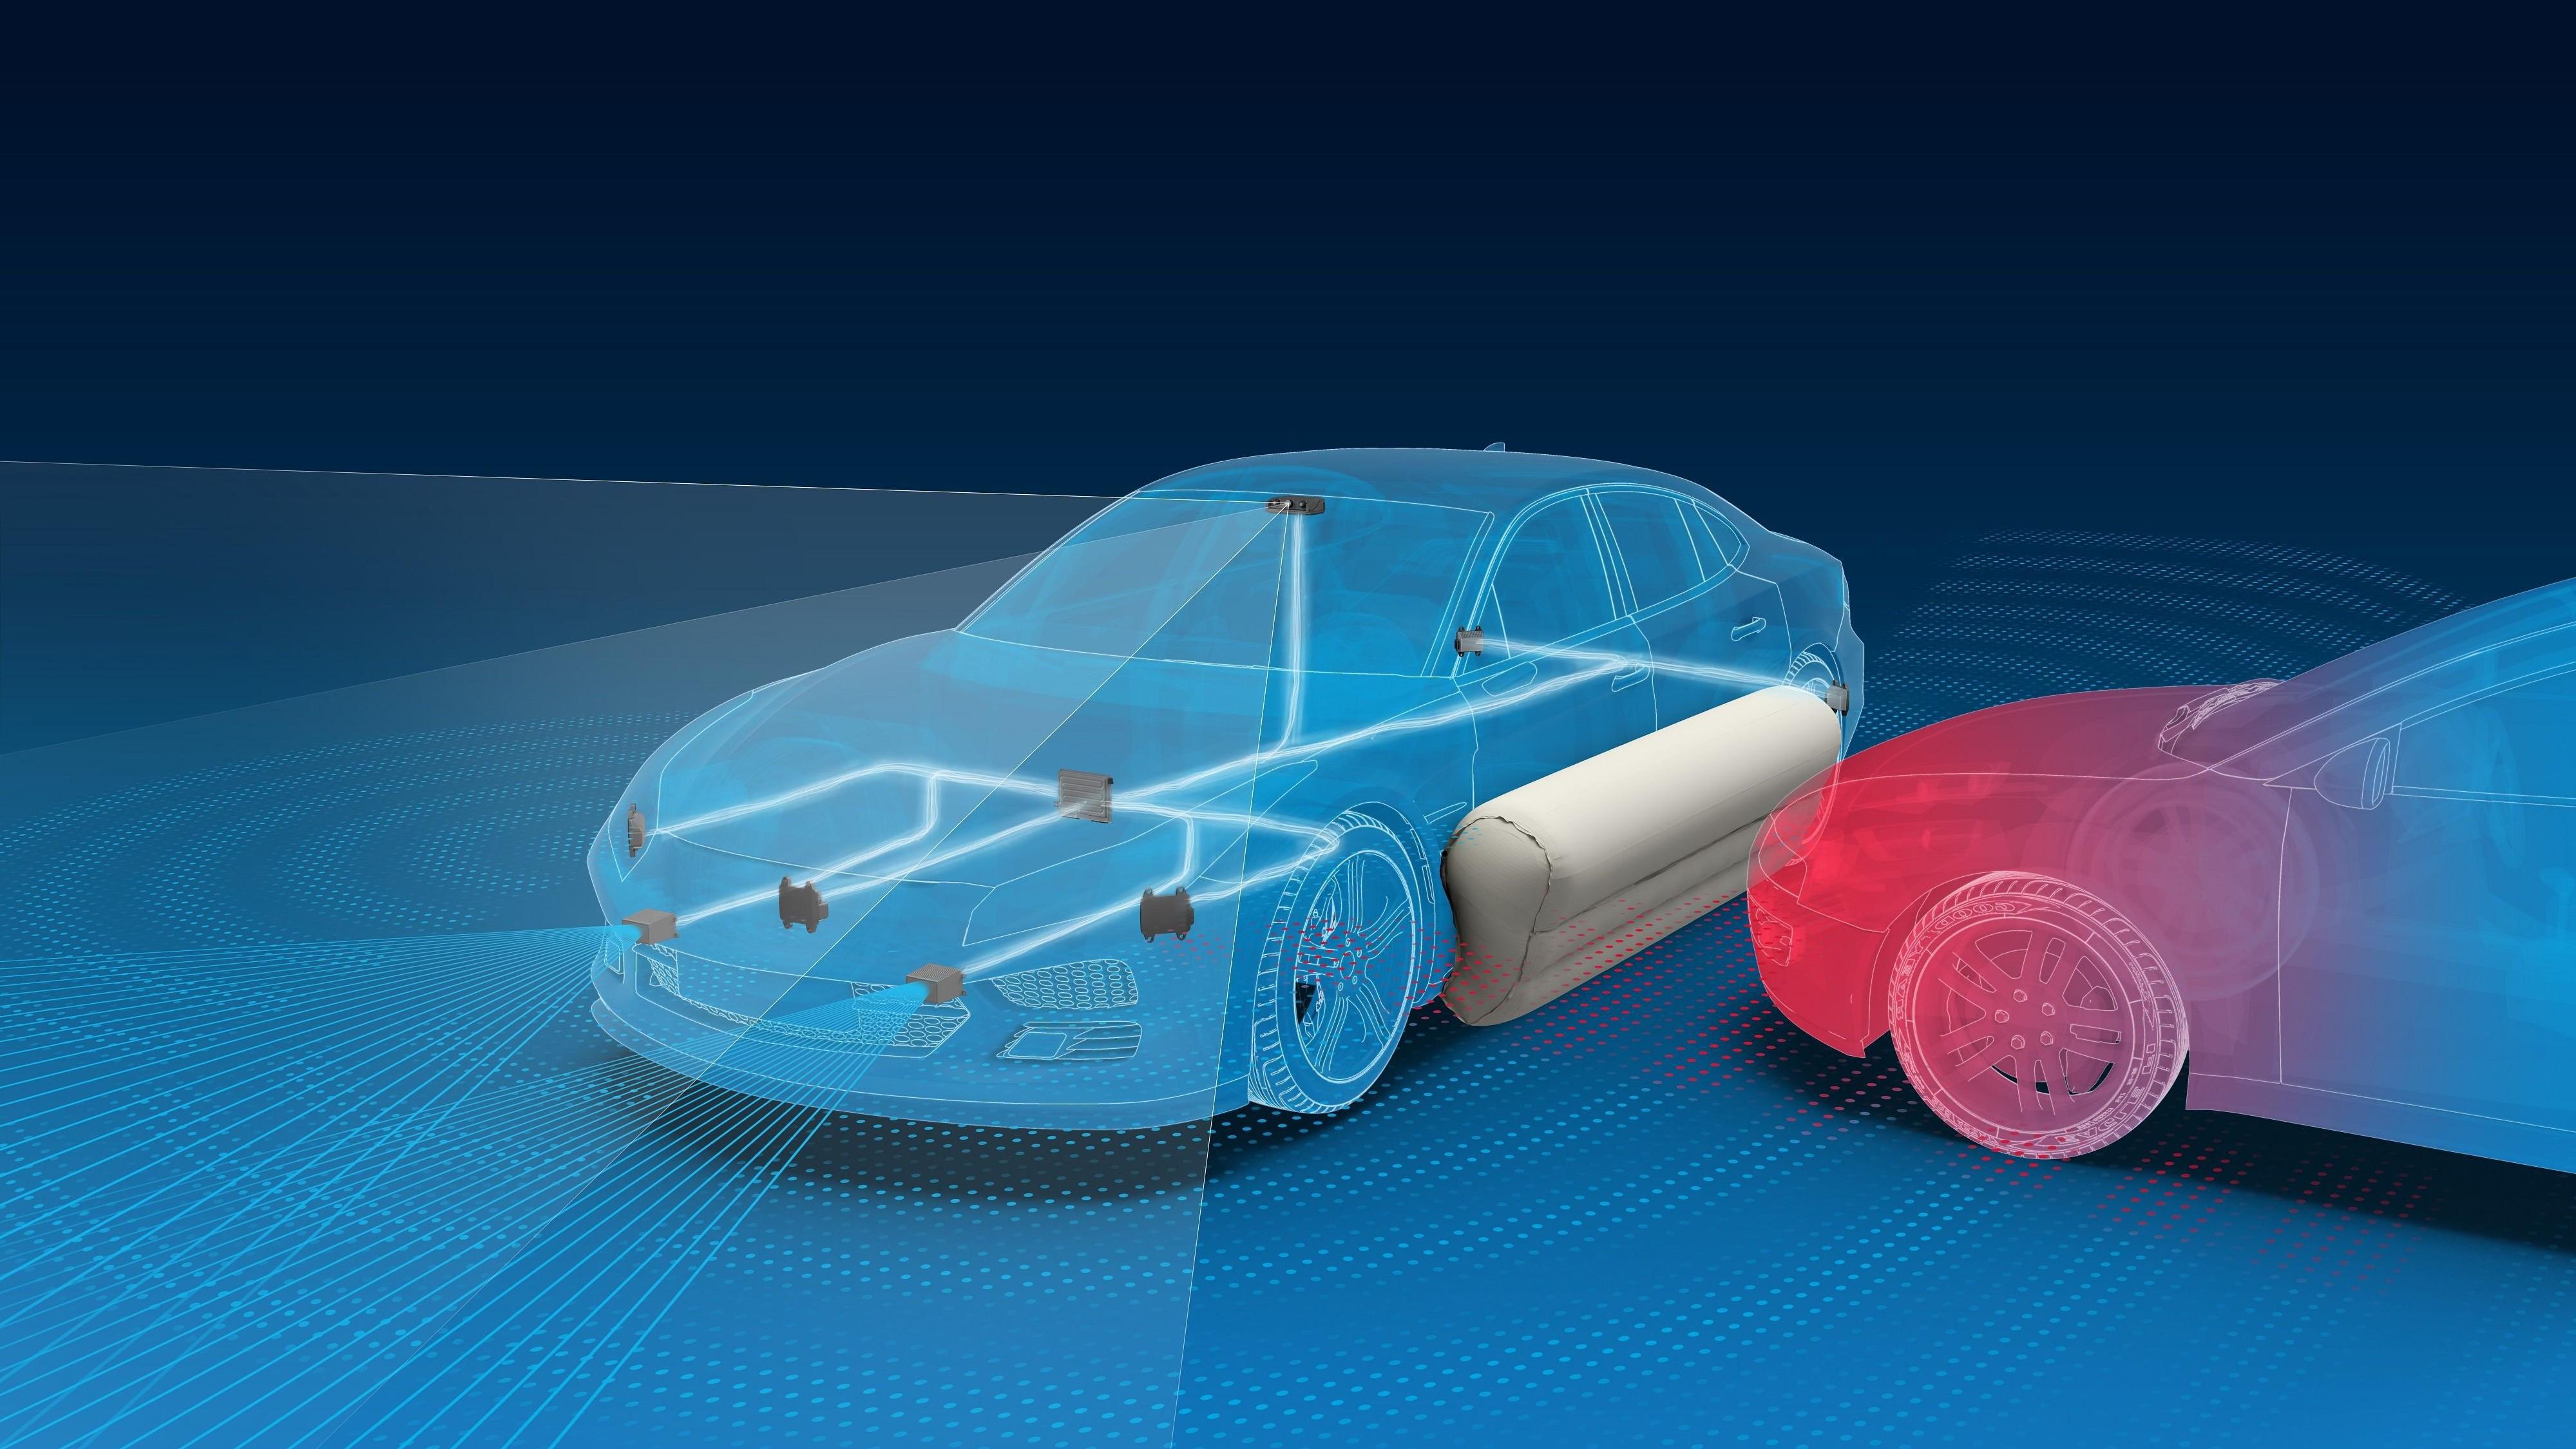 336a49d0-zf-external-airbags-1